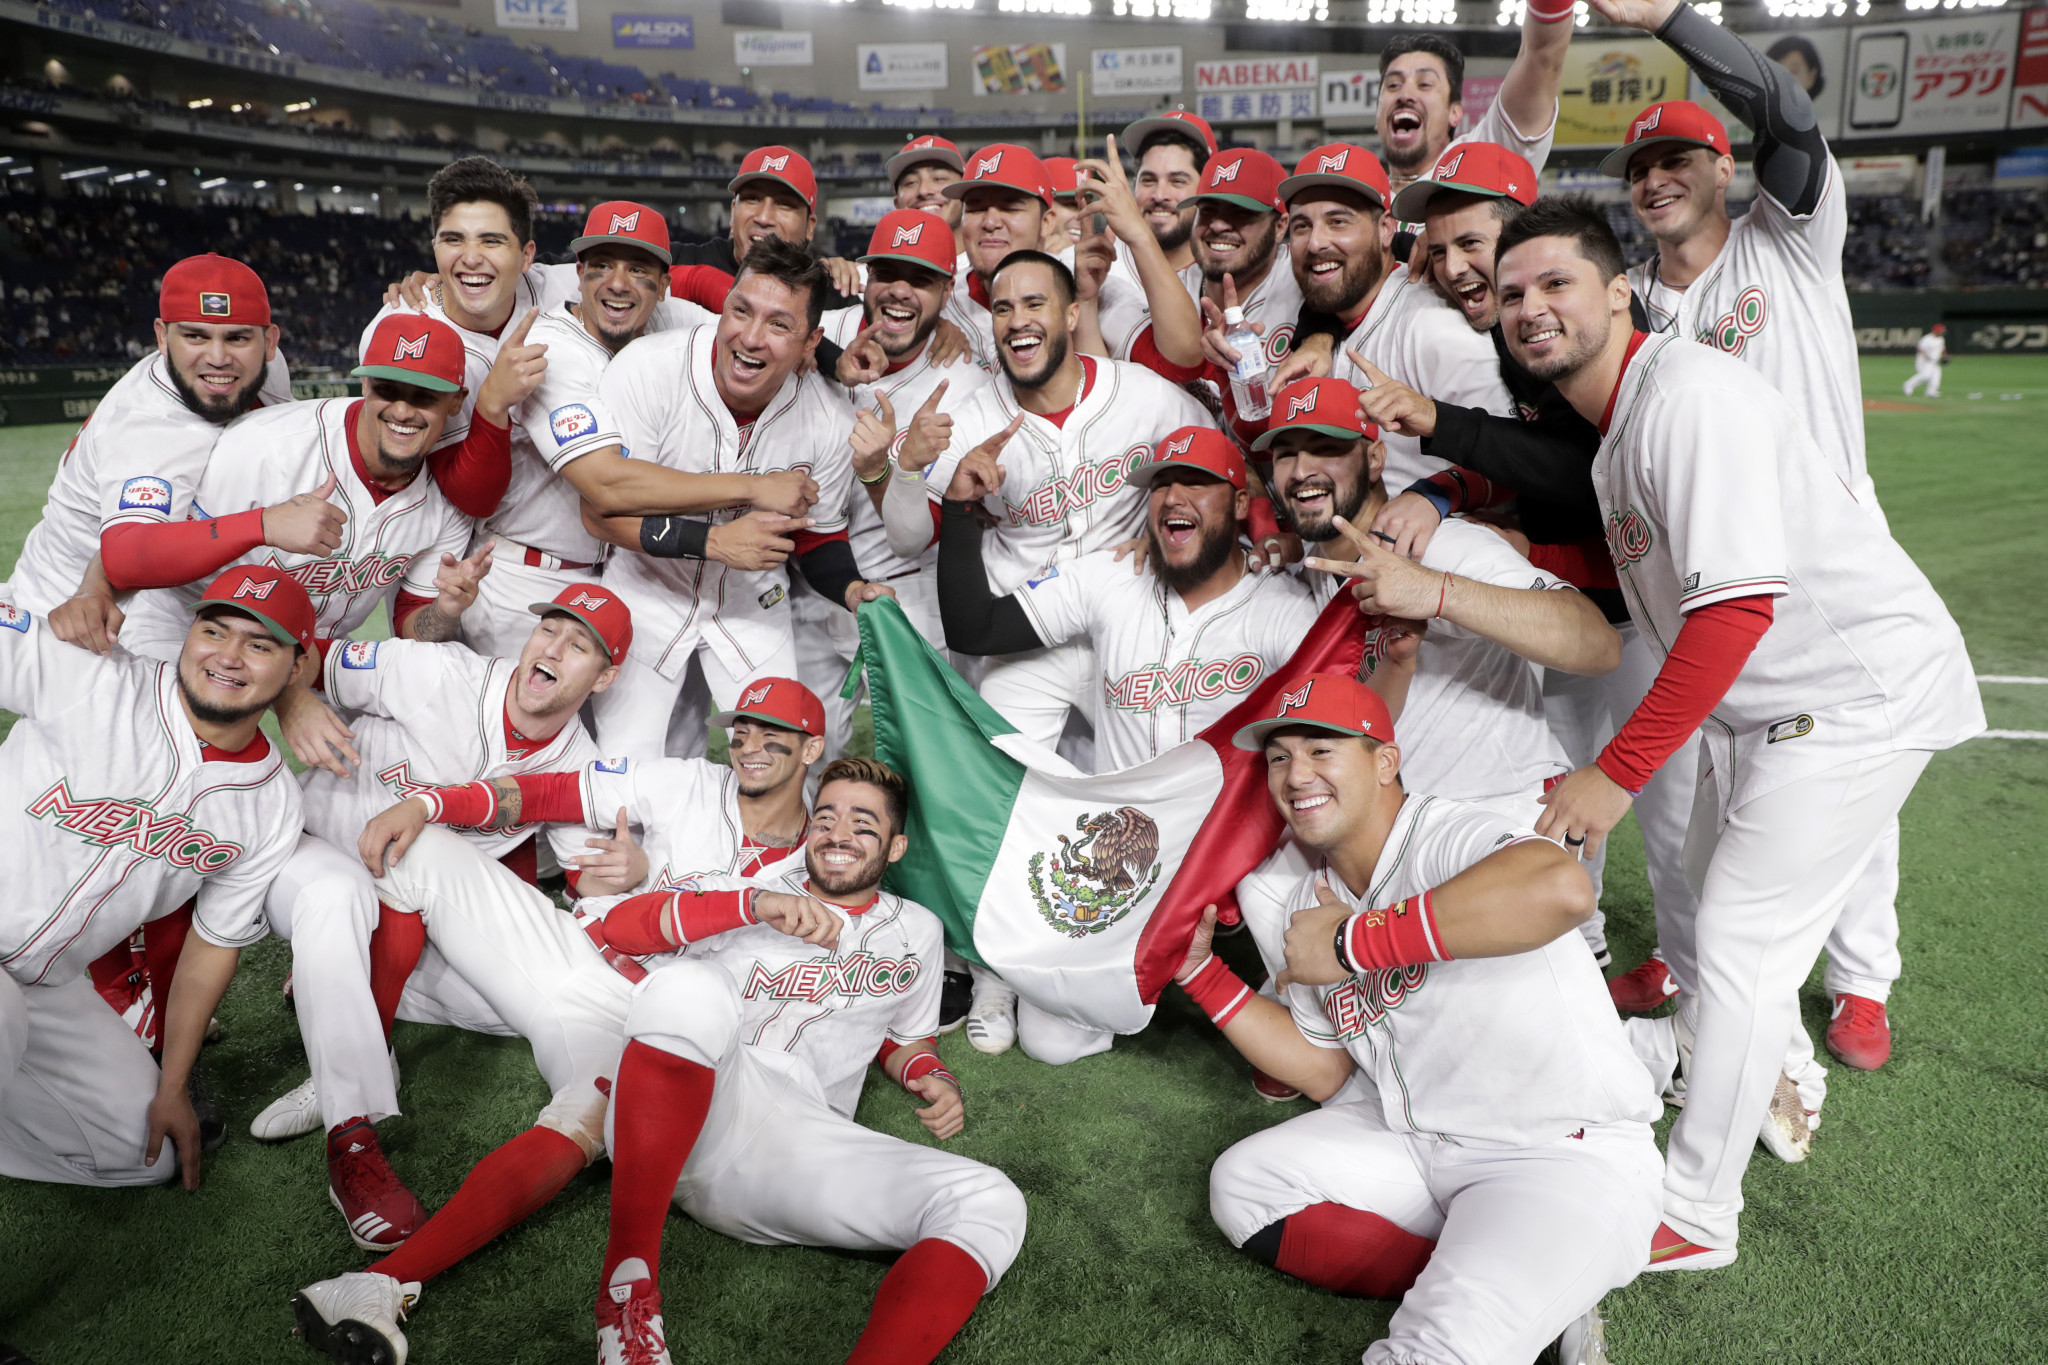 México intervino para albergar el evento, pero ya se clasificó para los Juegos de Tokio 2020 © Getty Images